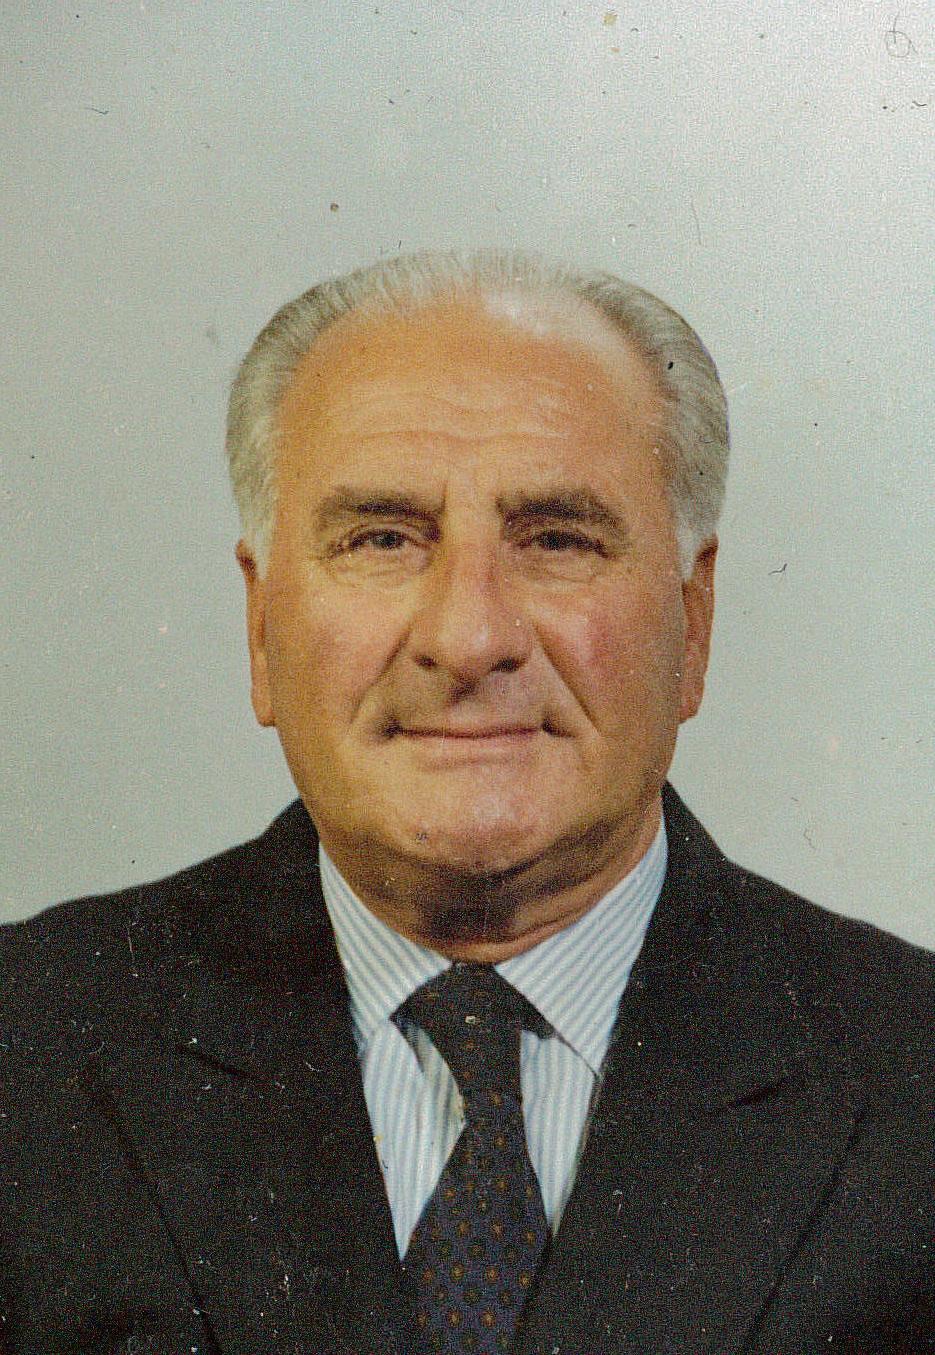 Morti 2021 - STAMPANATO ANTONIO - 862122 - Necrologie Il ...